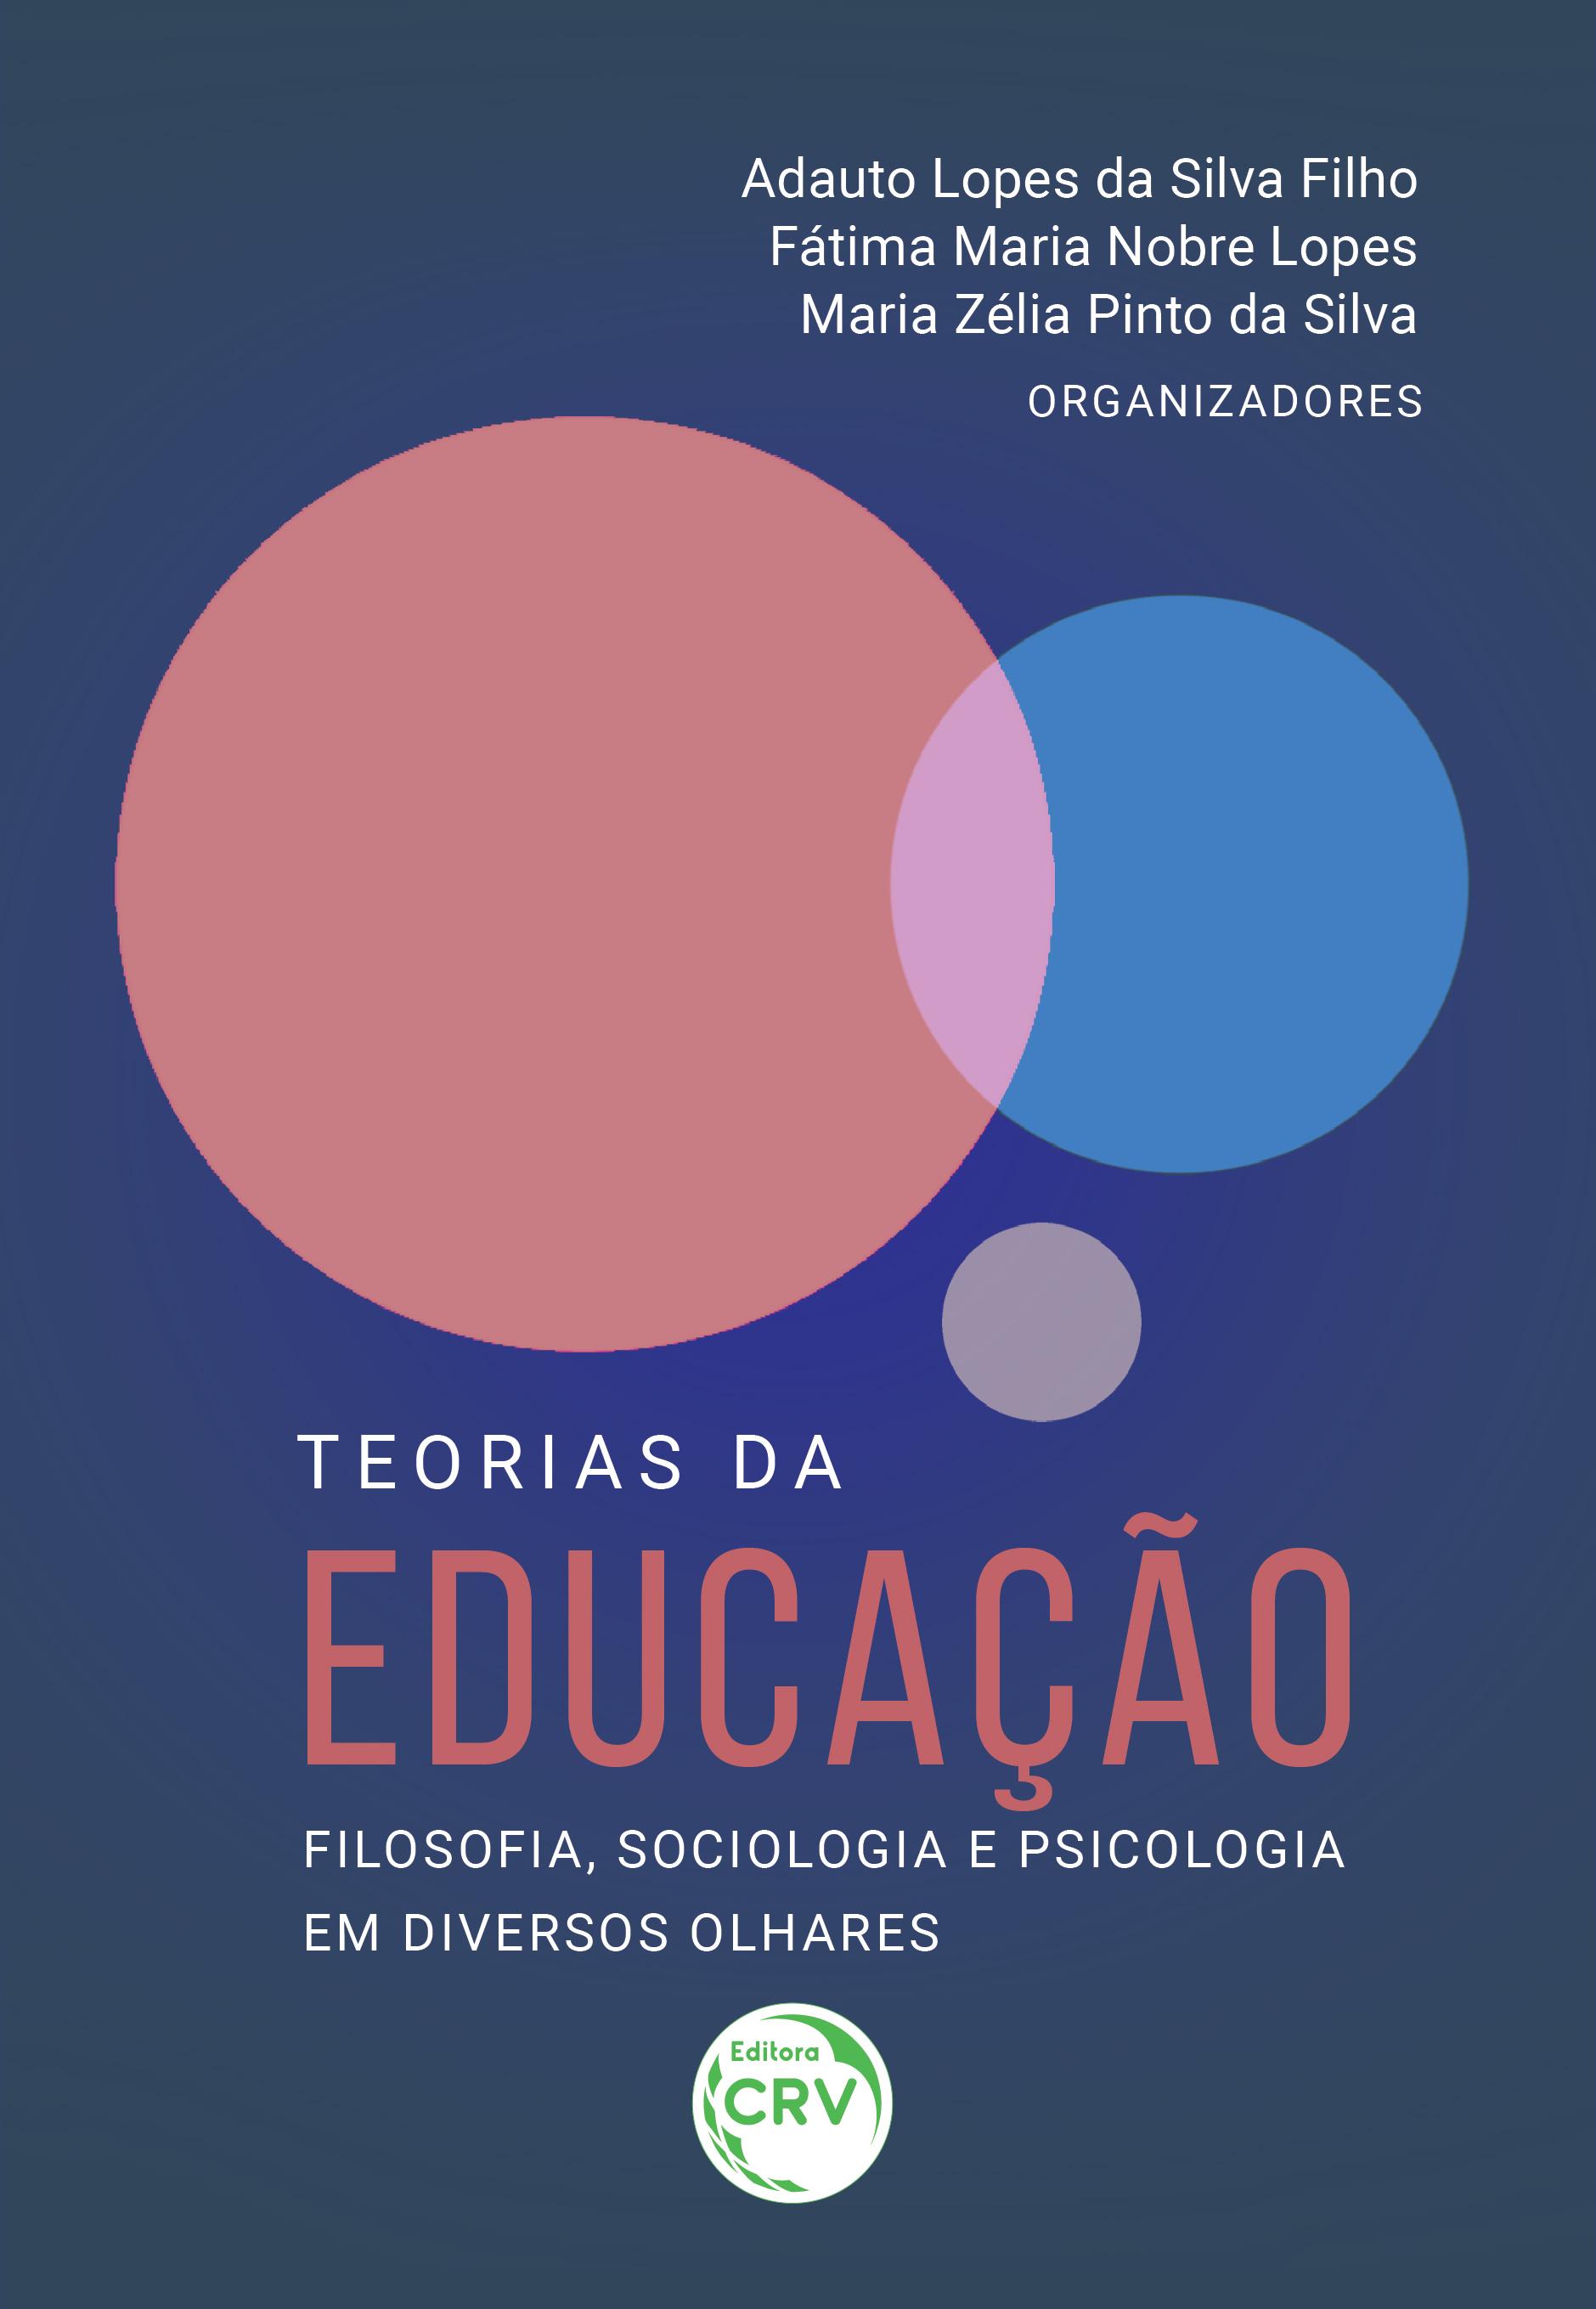 Capa do livro: TEORIAS DA EDUCAÇÃO: <br>filosofia, sociologia e psicologia em diversos olhares